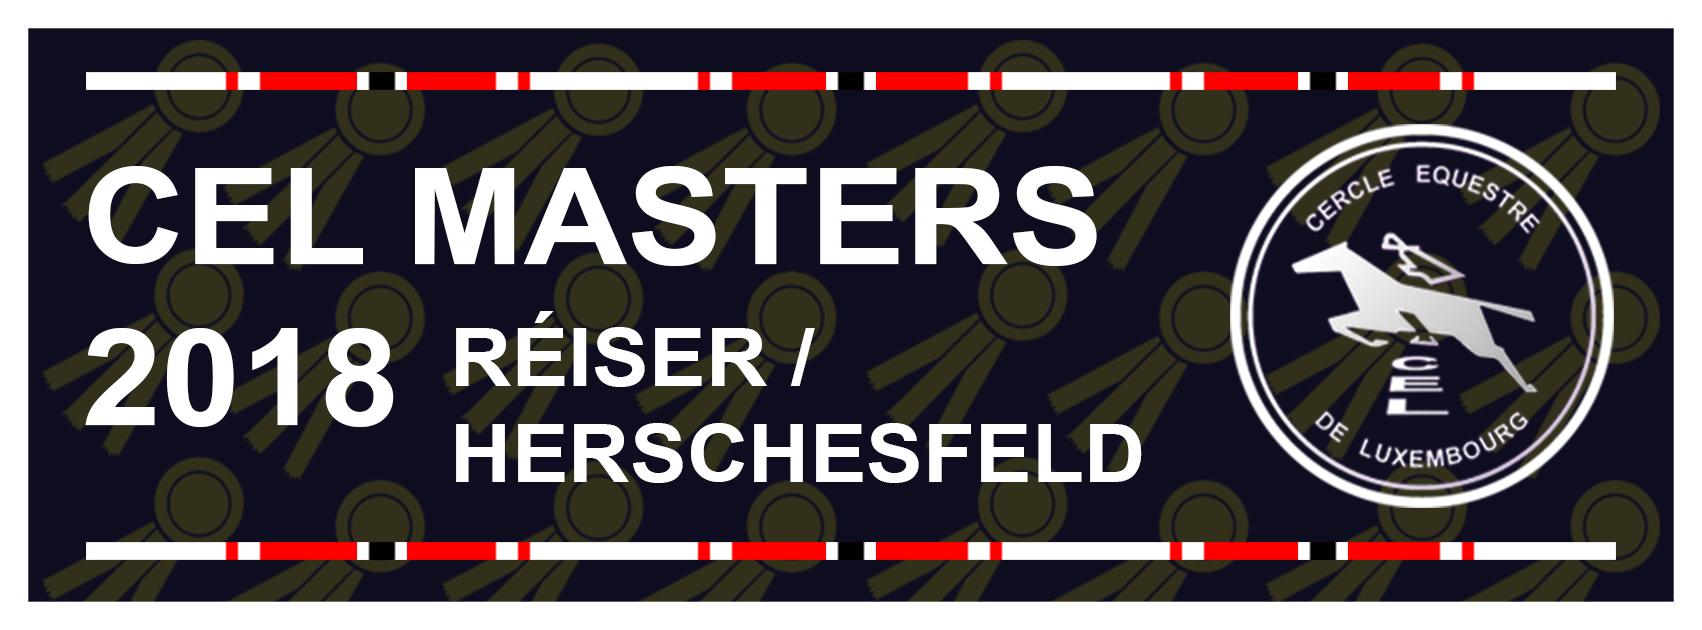 CEL Masters eng 3. Keier vum 5. bis den 7. Oktober 2018 !!!